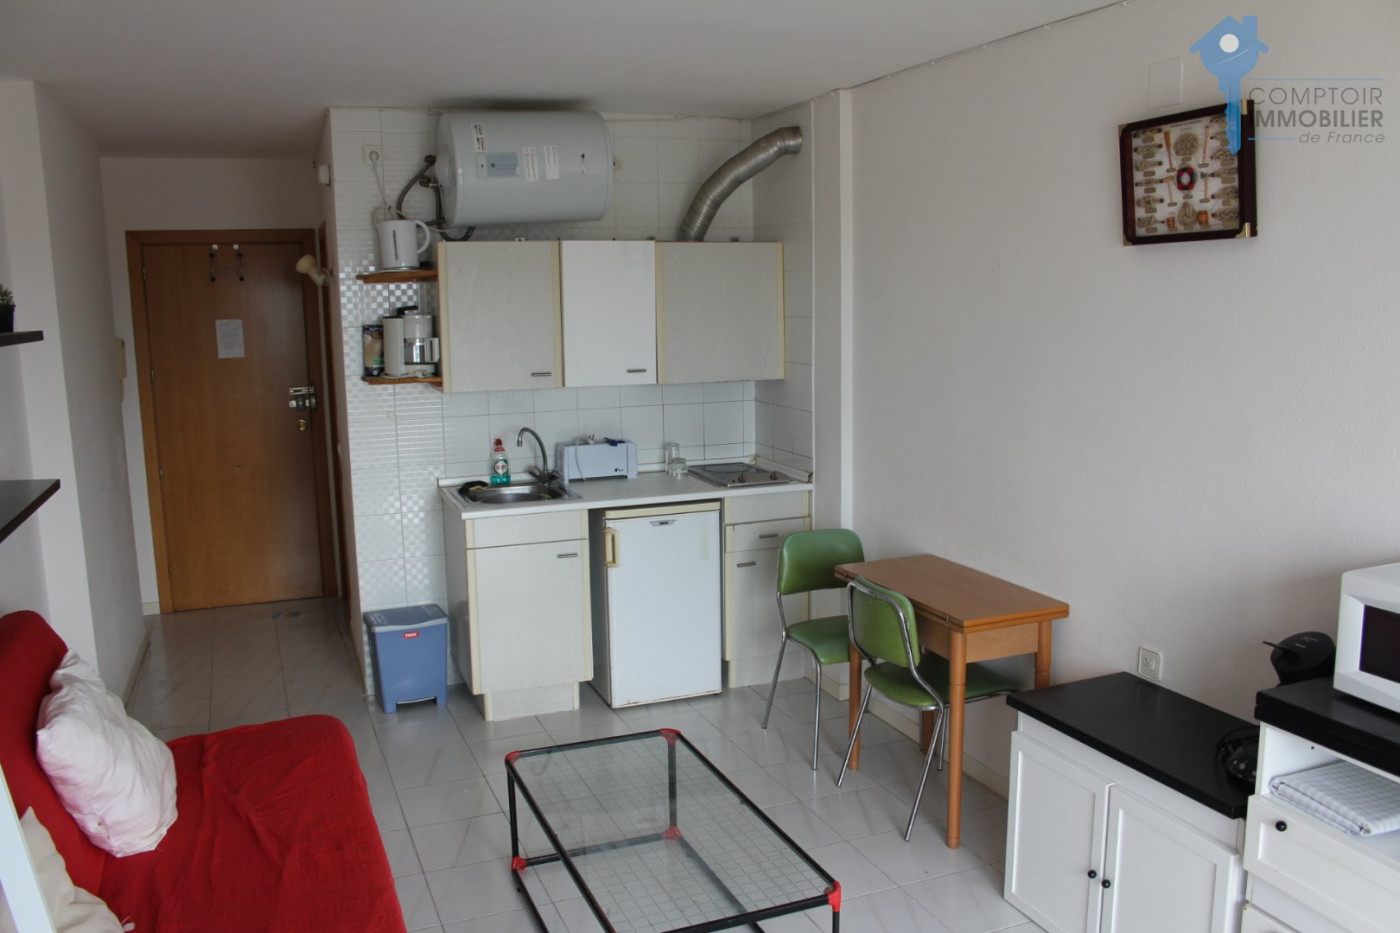 A vendre  Empuriabrava | Réf 3438034187 - Comptoir immobilier de france